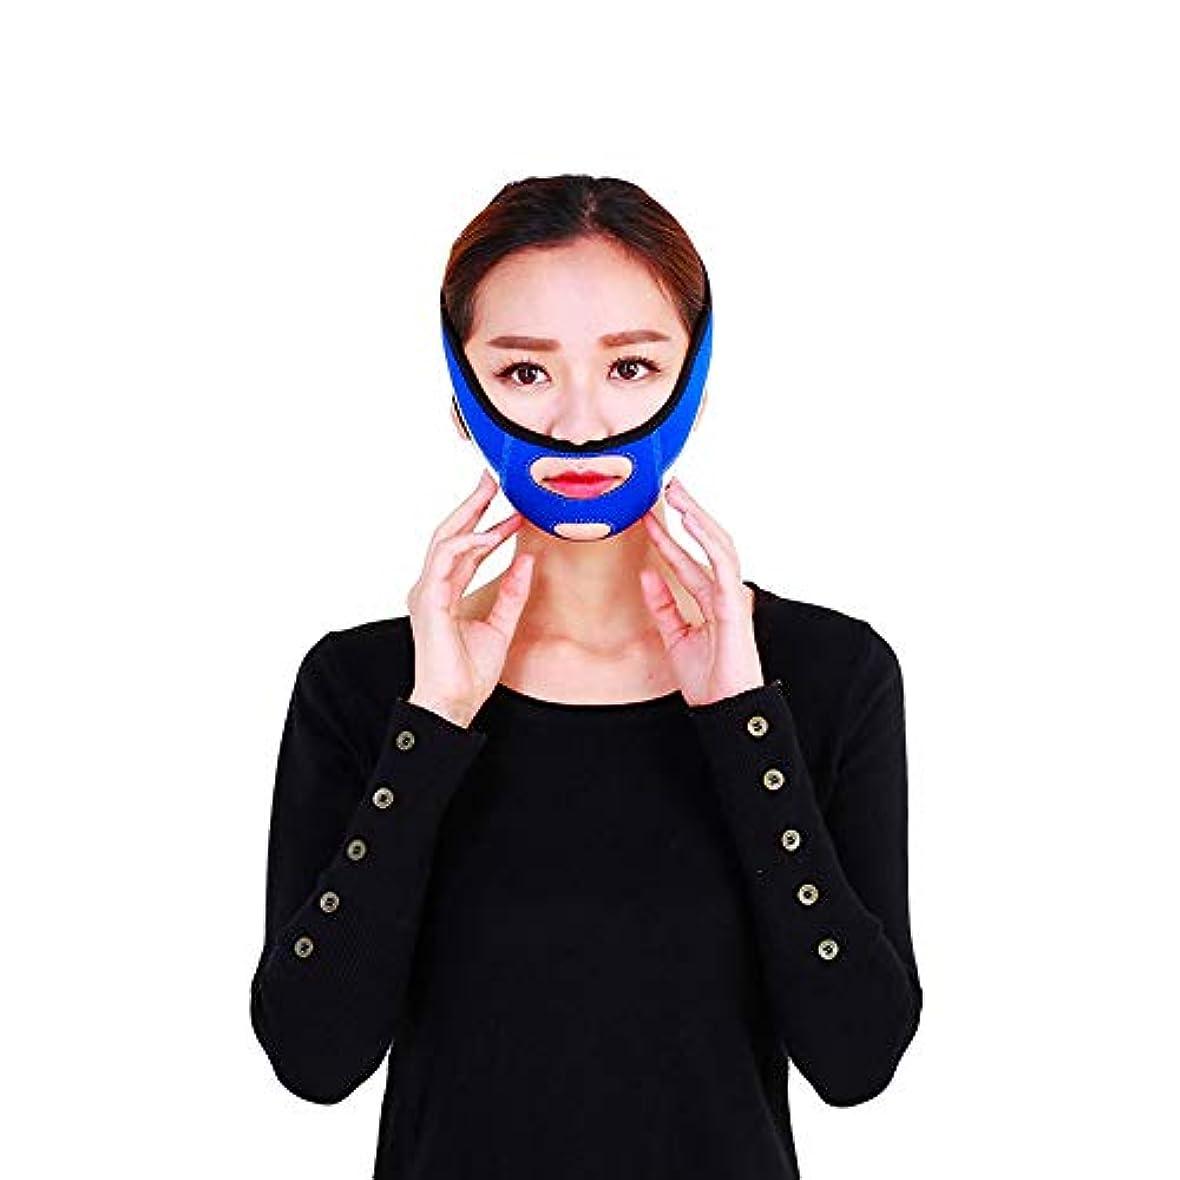 BS フェイシャルリフティング痩身ベルトフェーススリム二重あごを取り除くアンチエイジングリンクルフェイス包帯マスク整形マスクが顔を引き締める フェイスリフティングアーティファクト